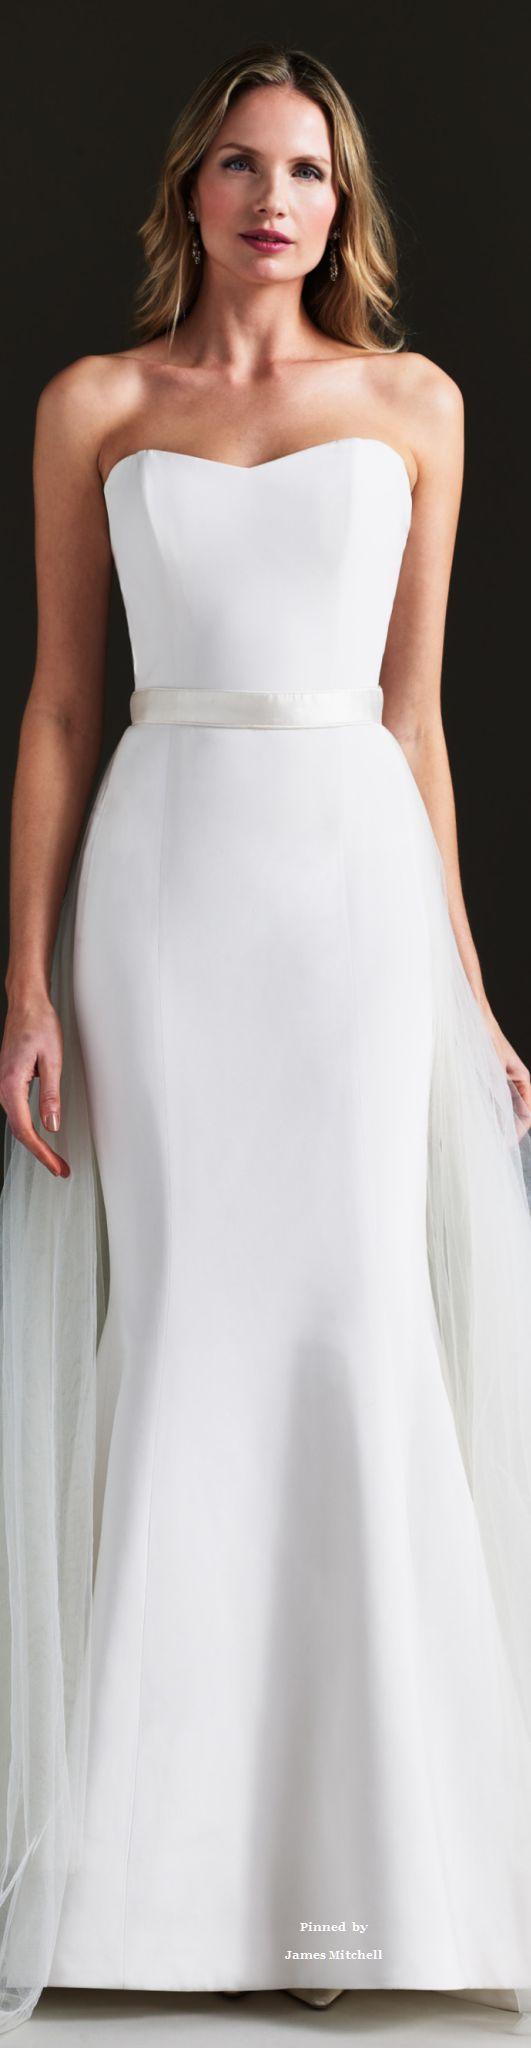 Caroline Castigliano Collection Spring 2017 Bridal